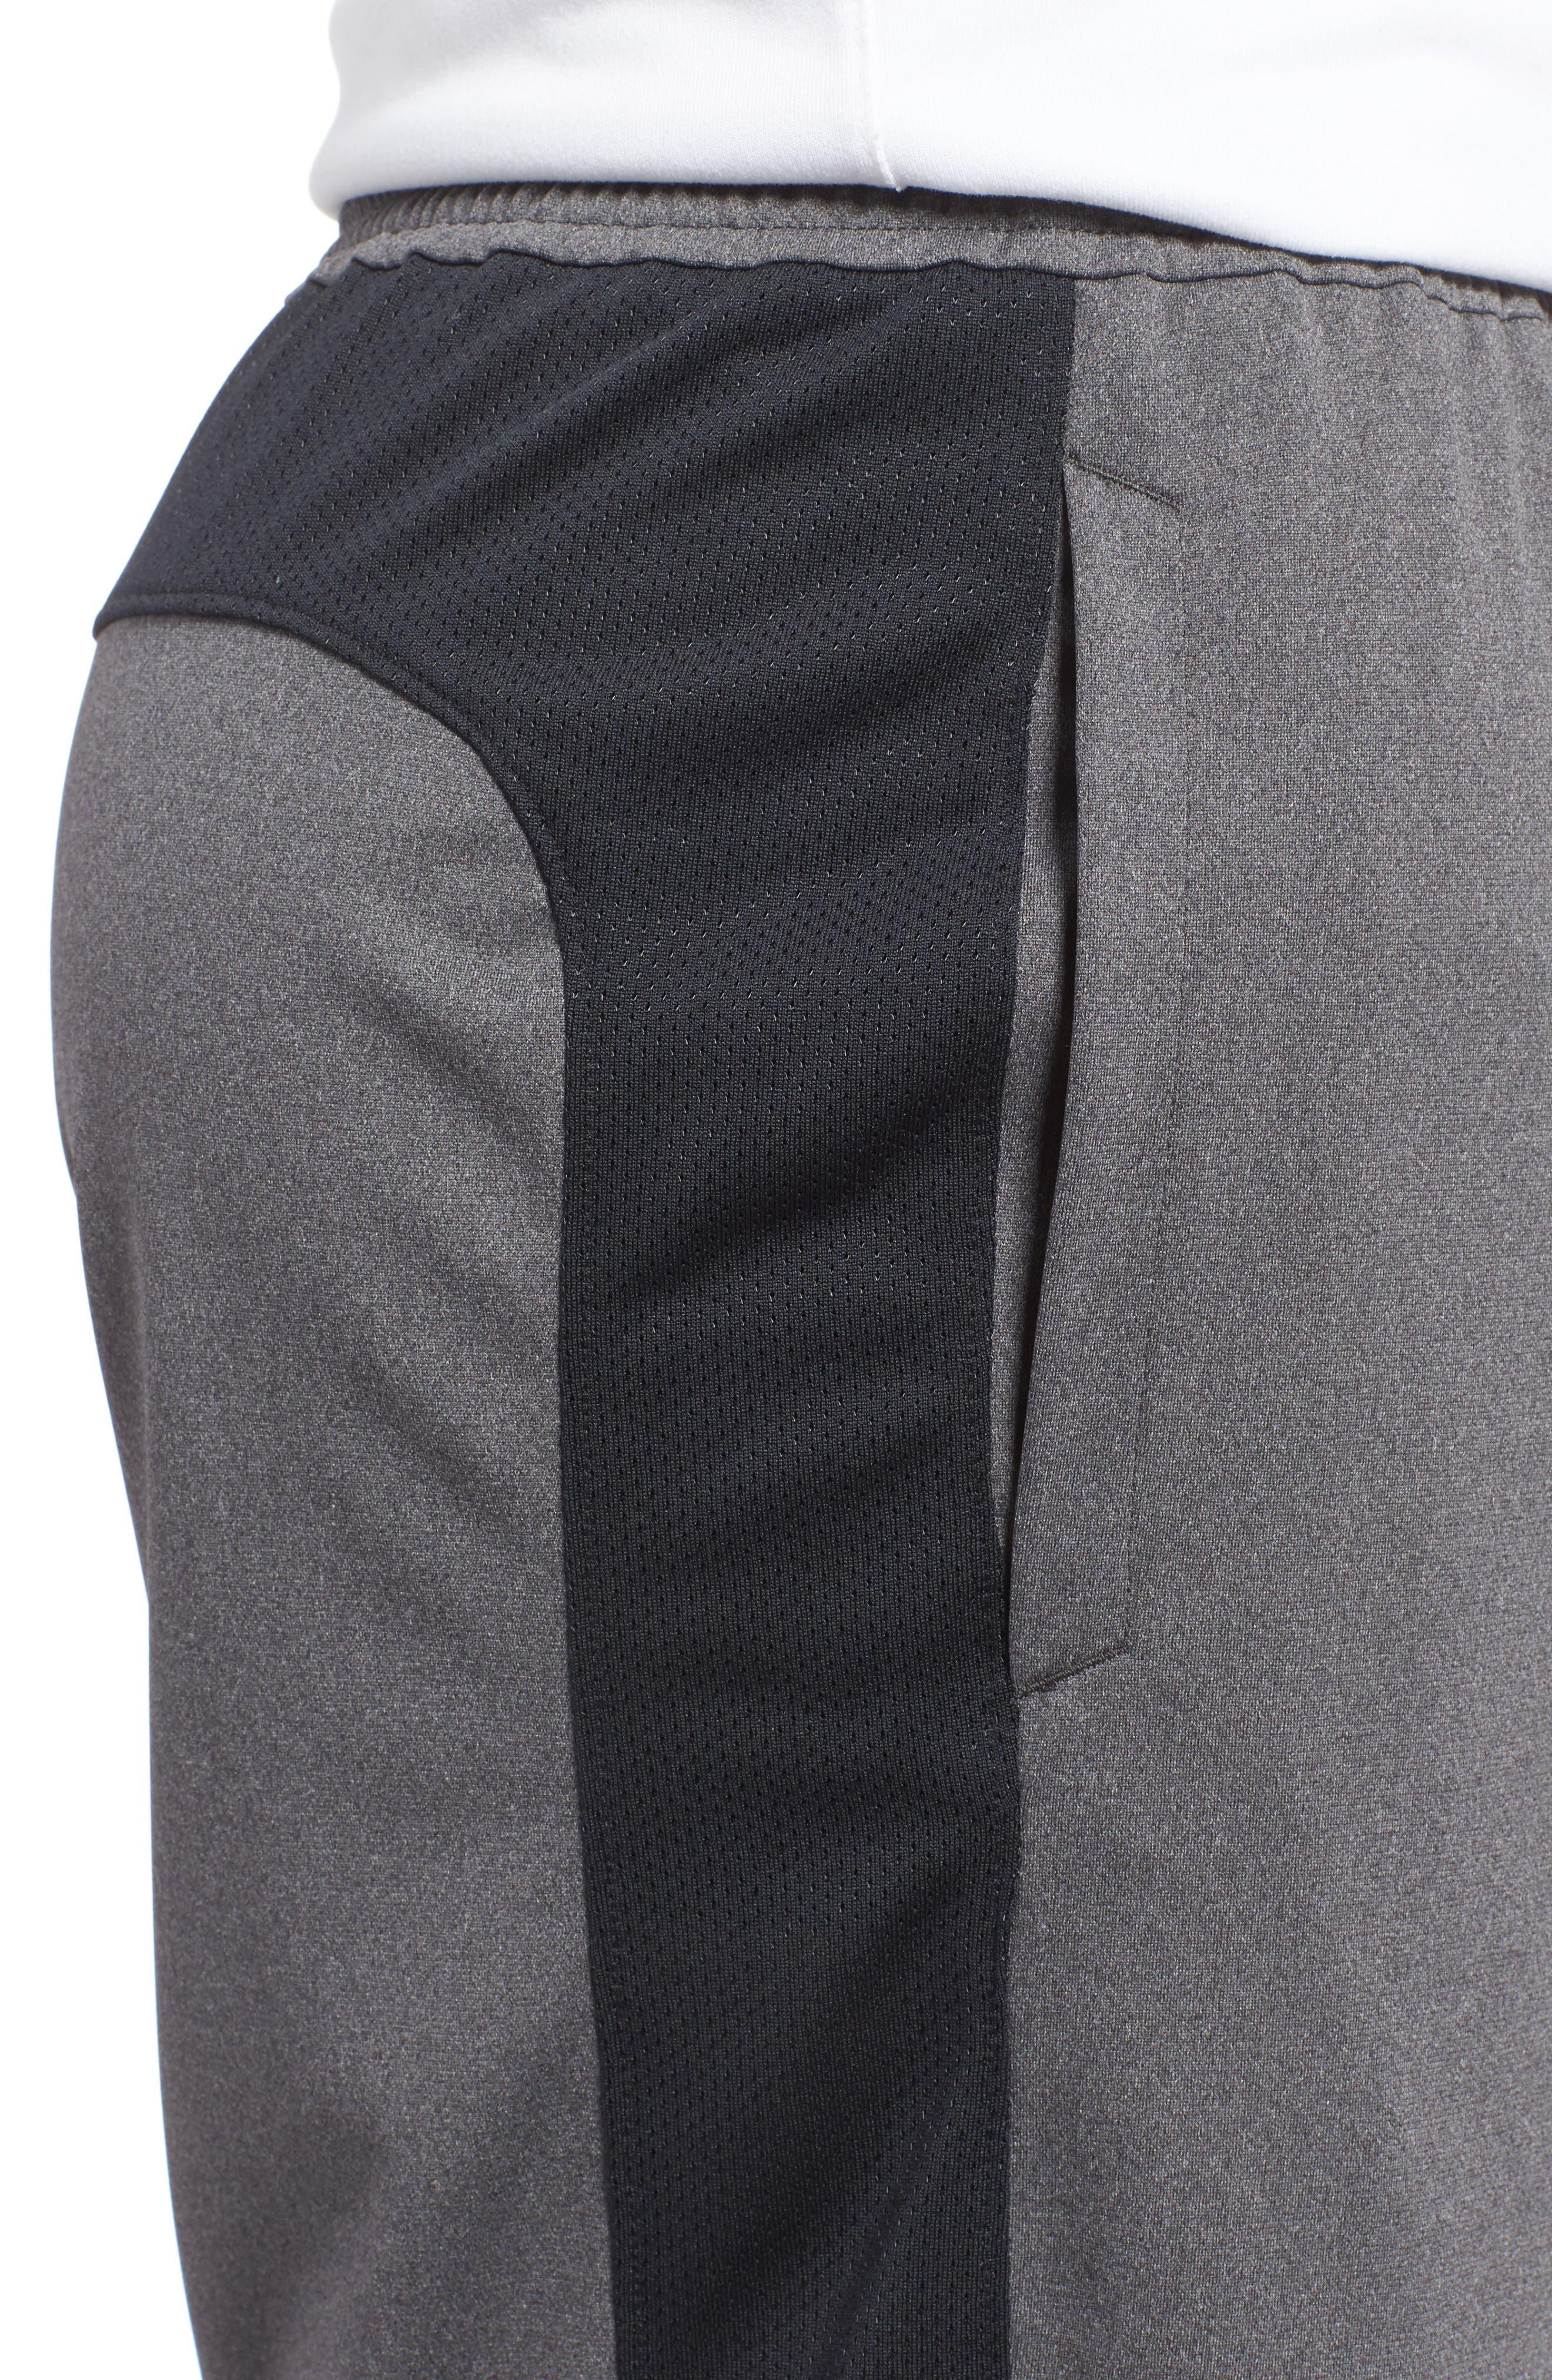 UNDER ARMOUR, Raid 2.0 Classic Fit Shorts, Alternate thumbnail 5, color, GRAPHITE / BLACK